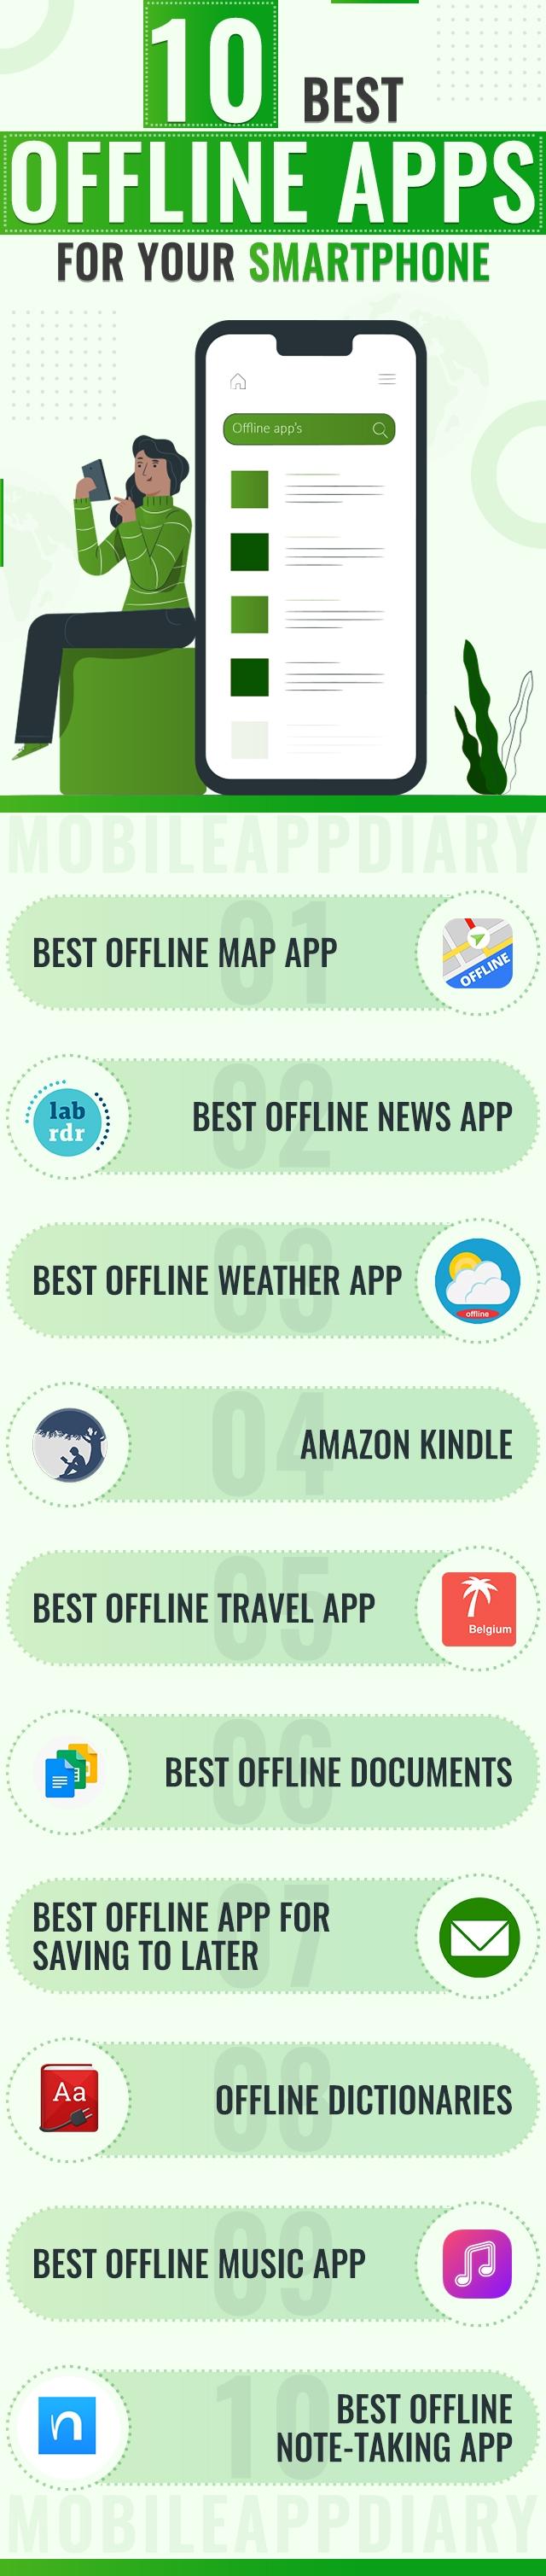 BEST OFFLINE APPS FOR YOUR SMARTPHONE